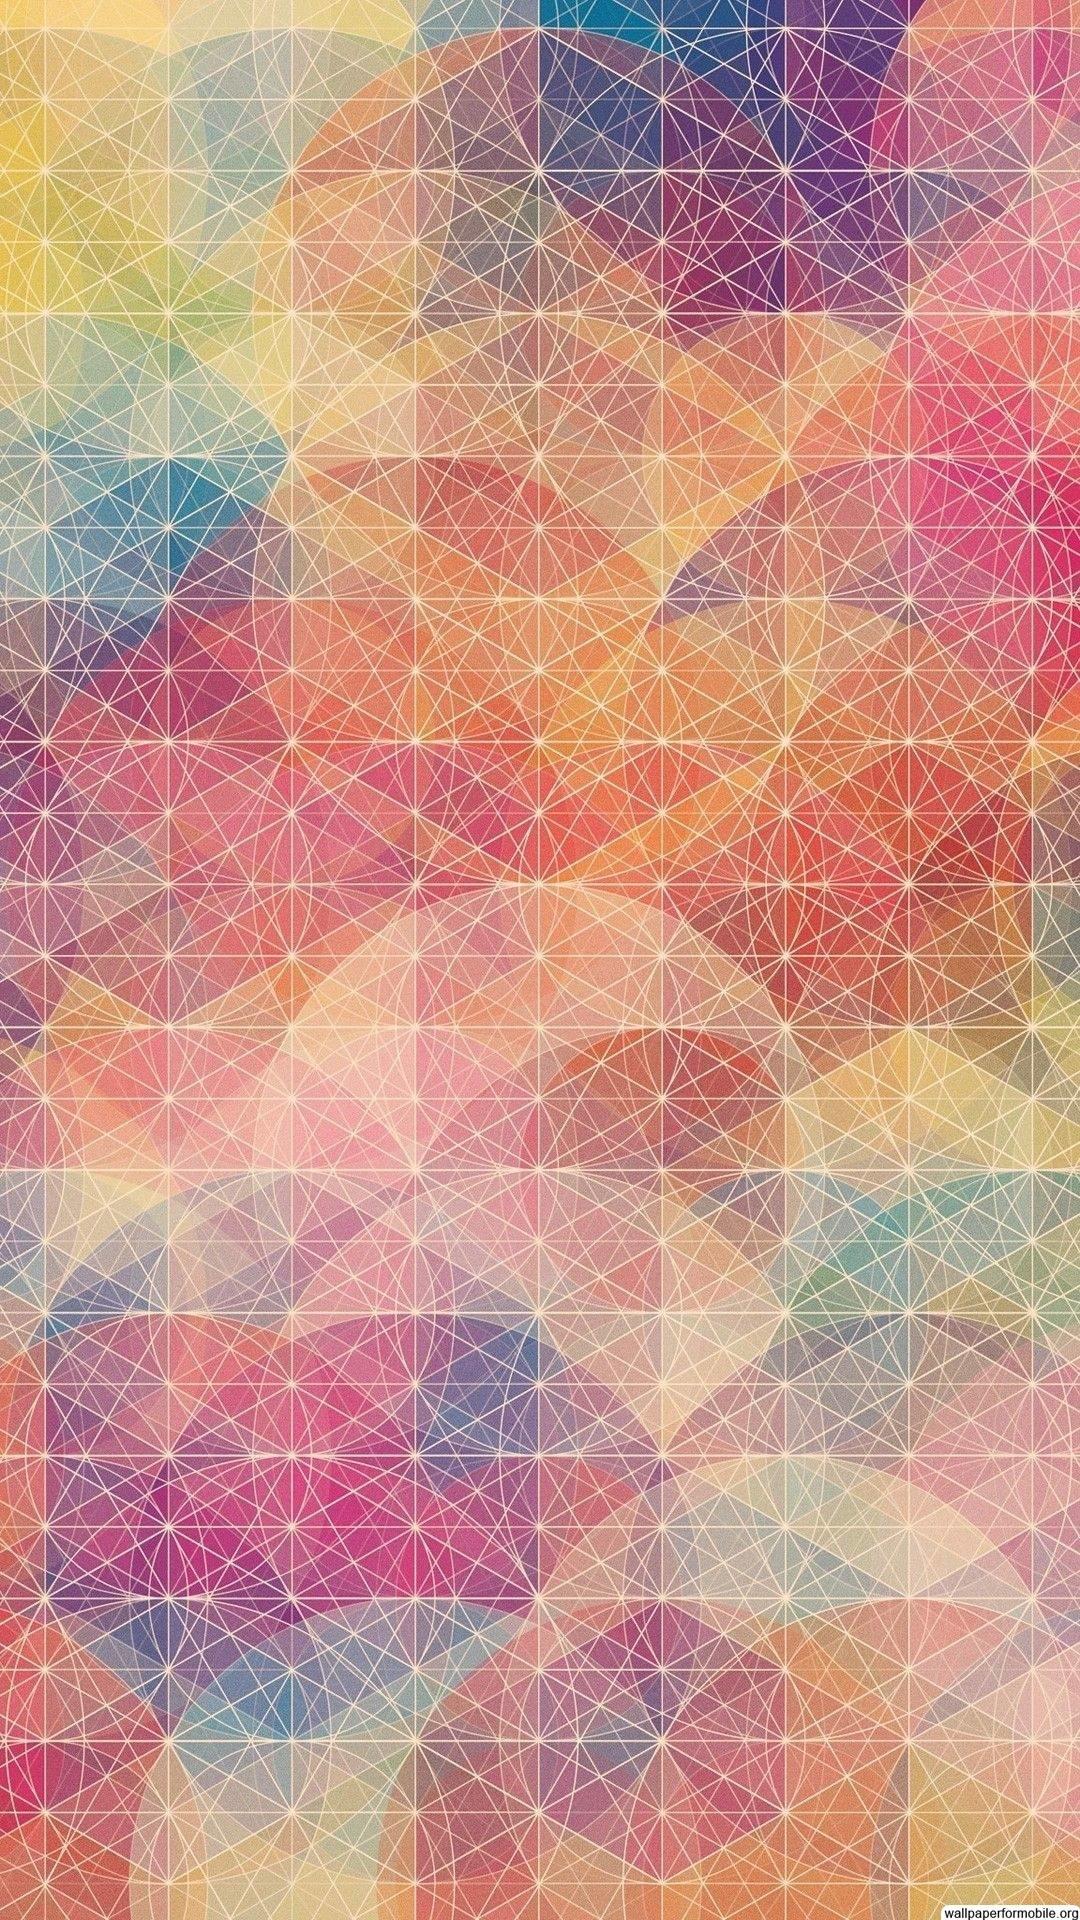 https://wallpaperformobile.org/12844/hd-plain-wallpapers.